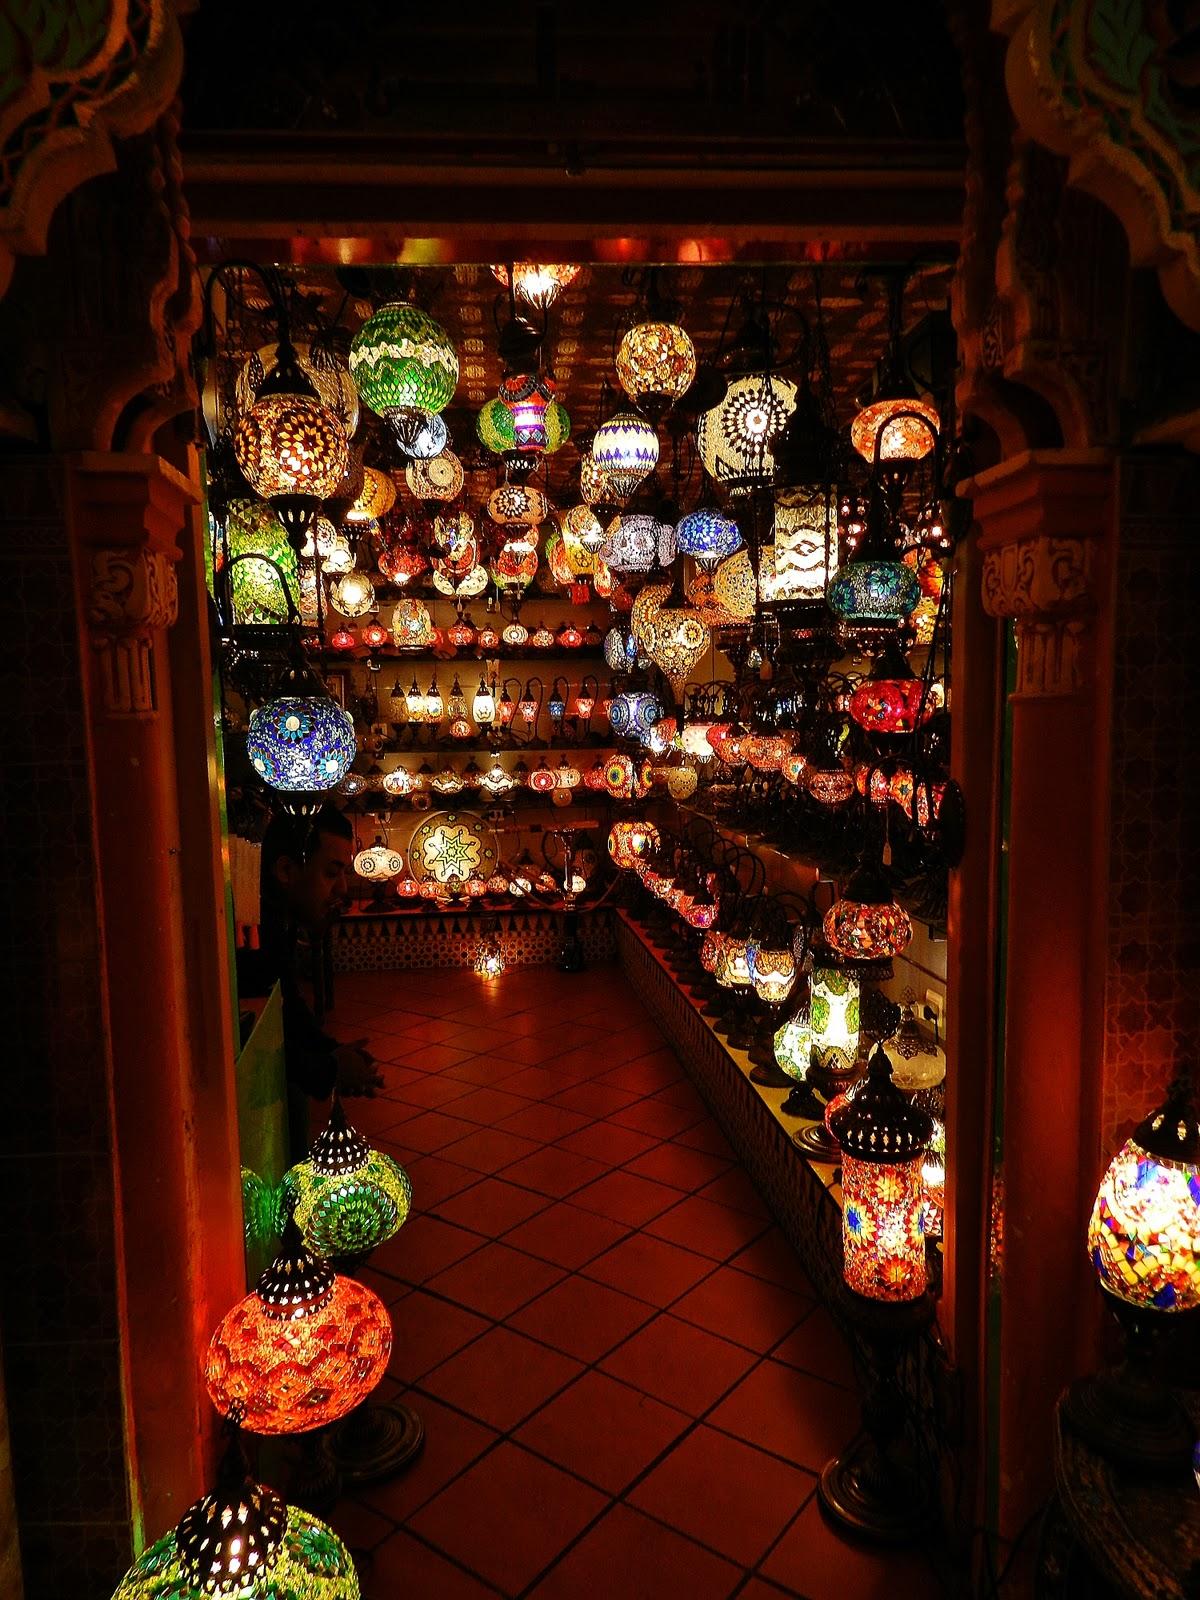 A Lamp Shop In The Albaicín. Granada, Spain.